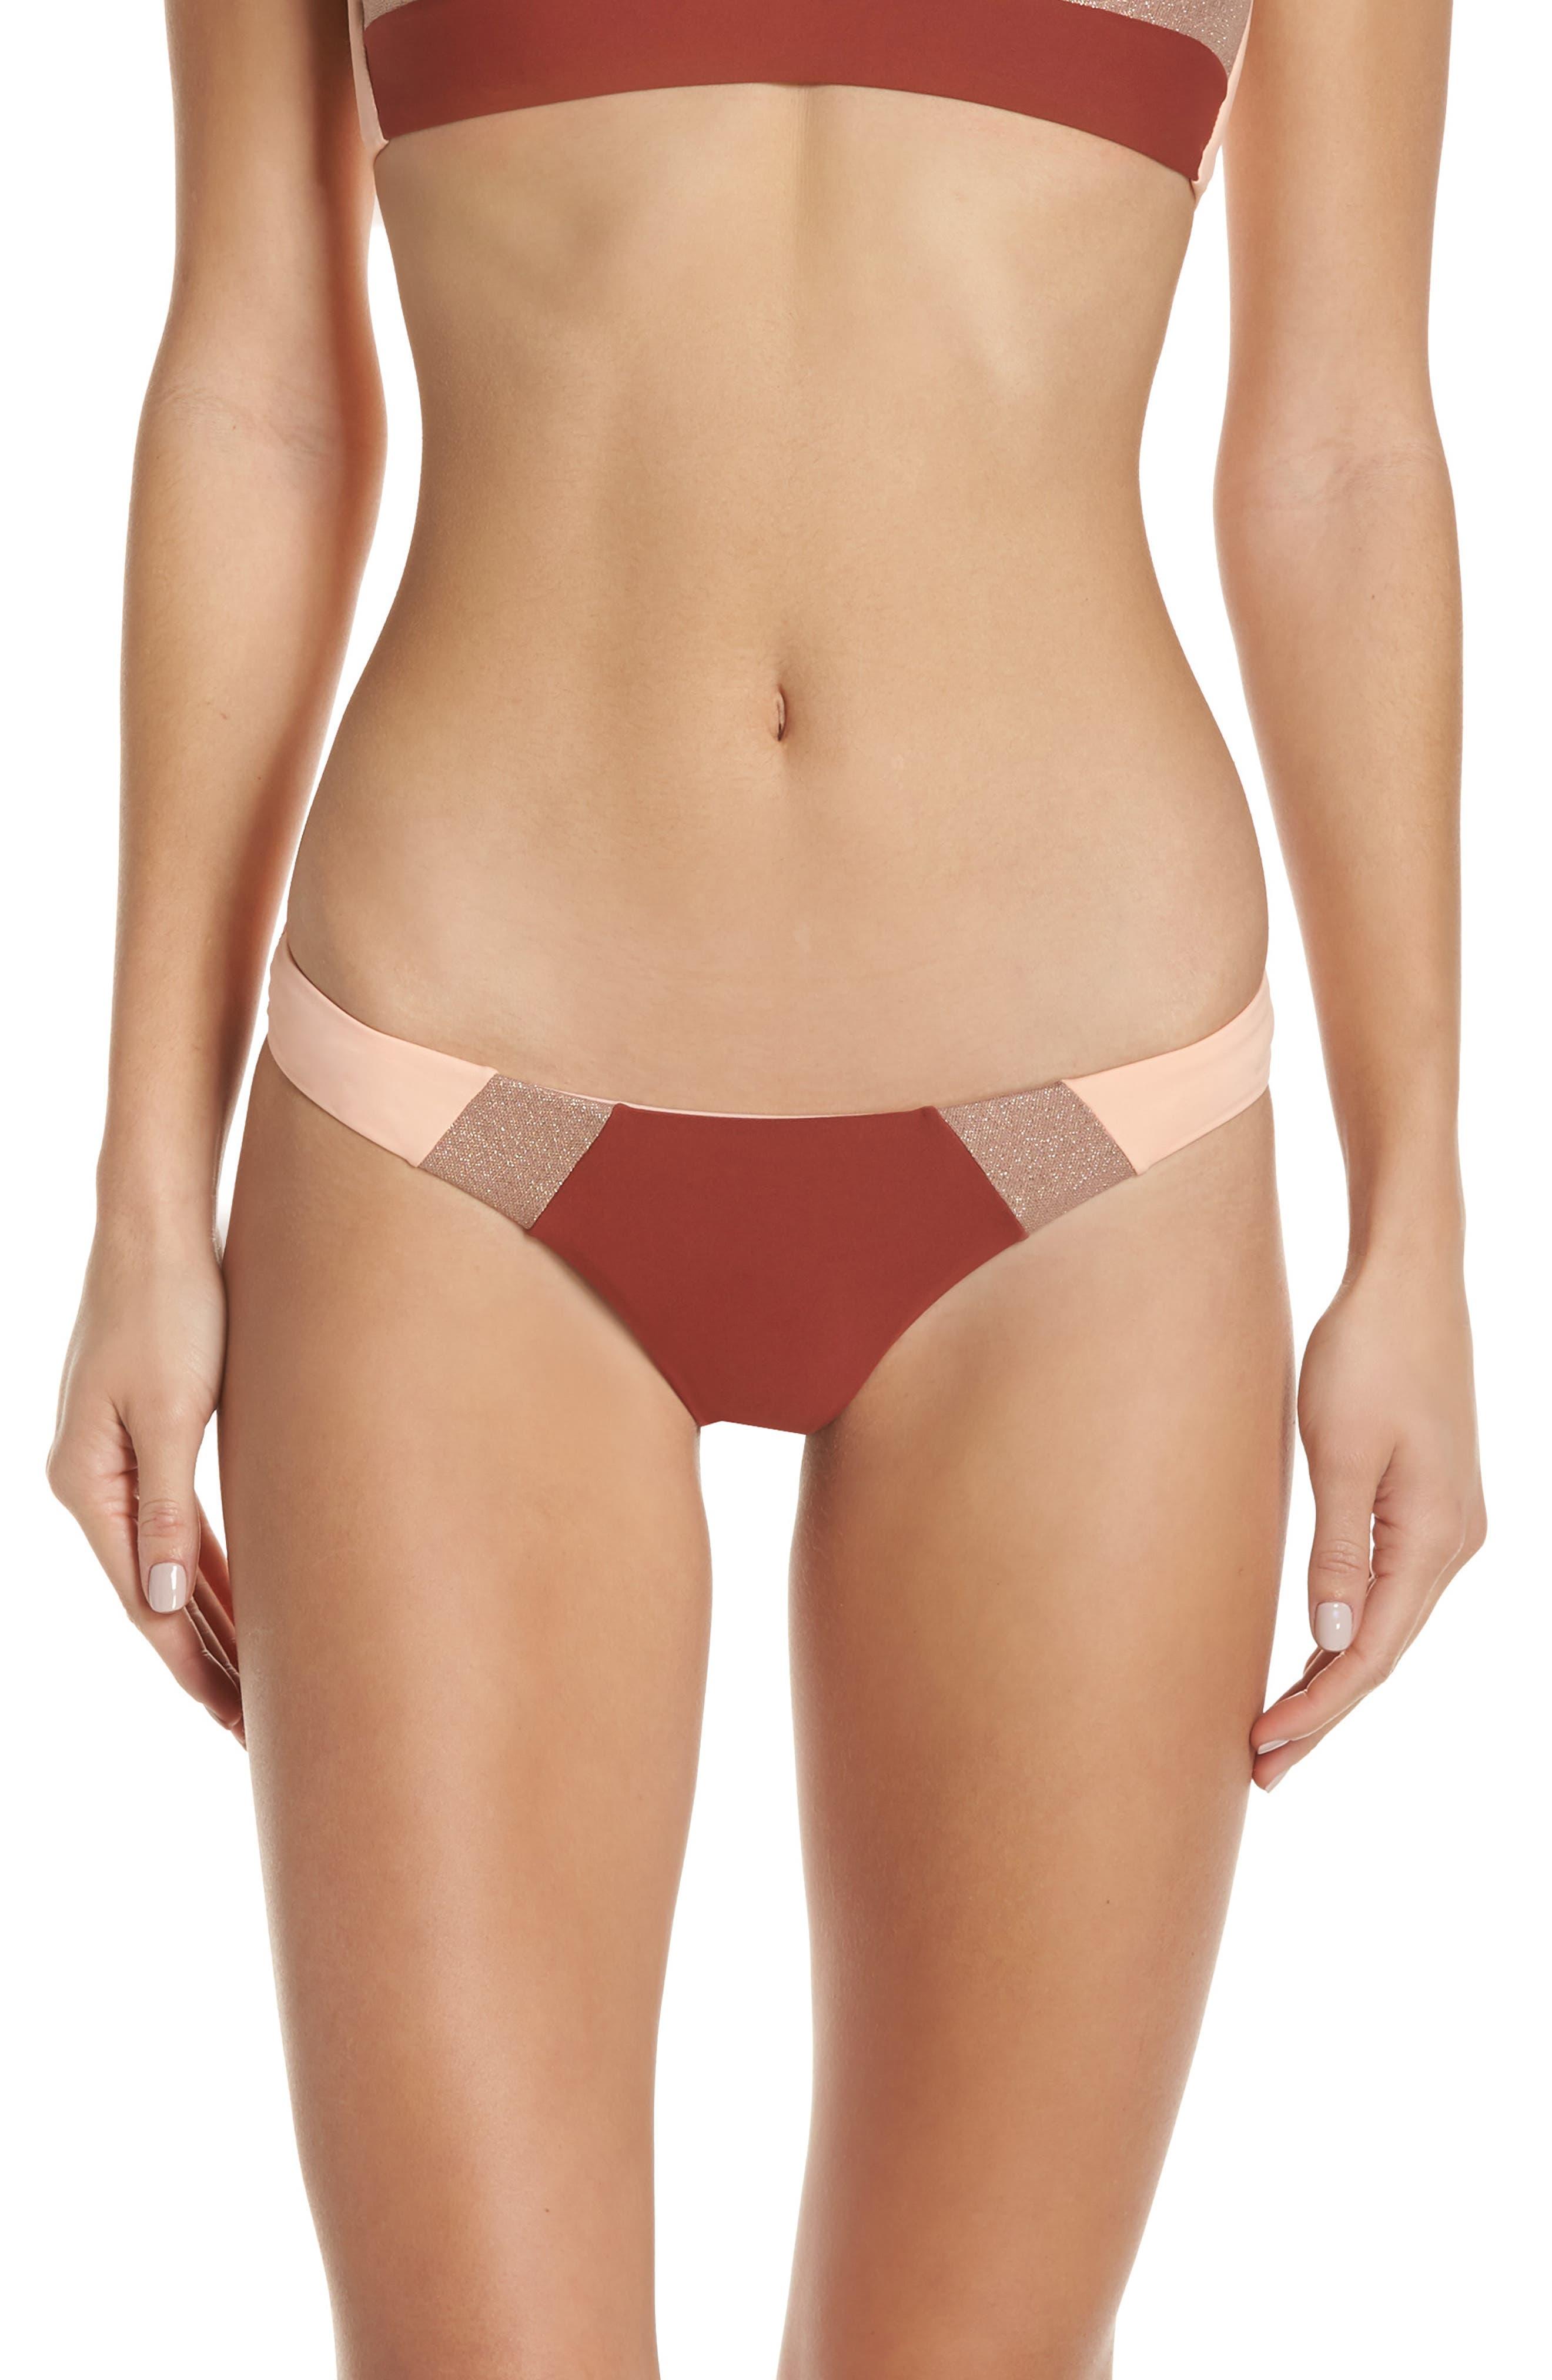 Pilyq Colorblock Bikini Bottoms, Coral